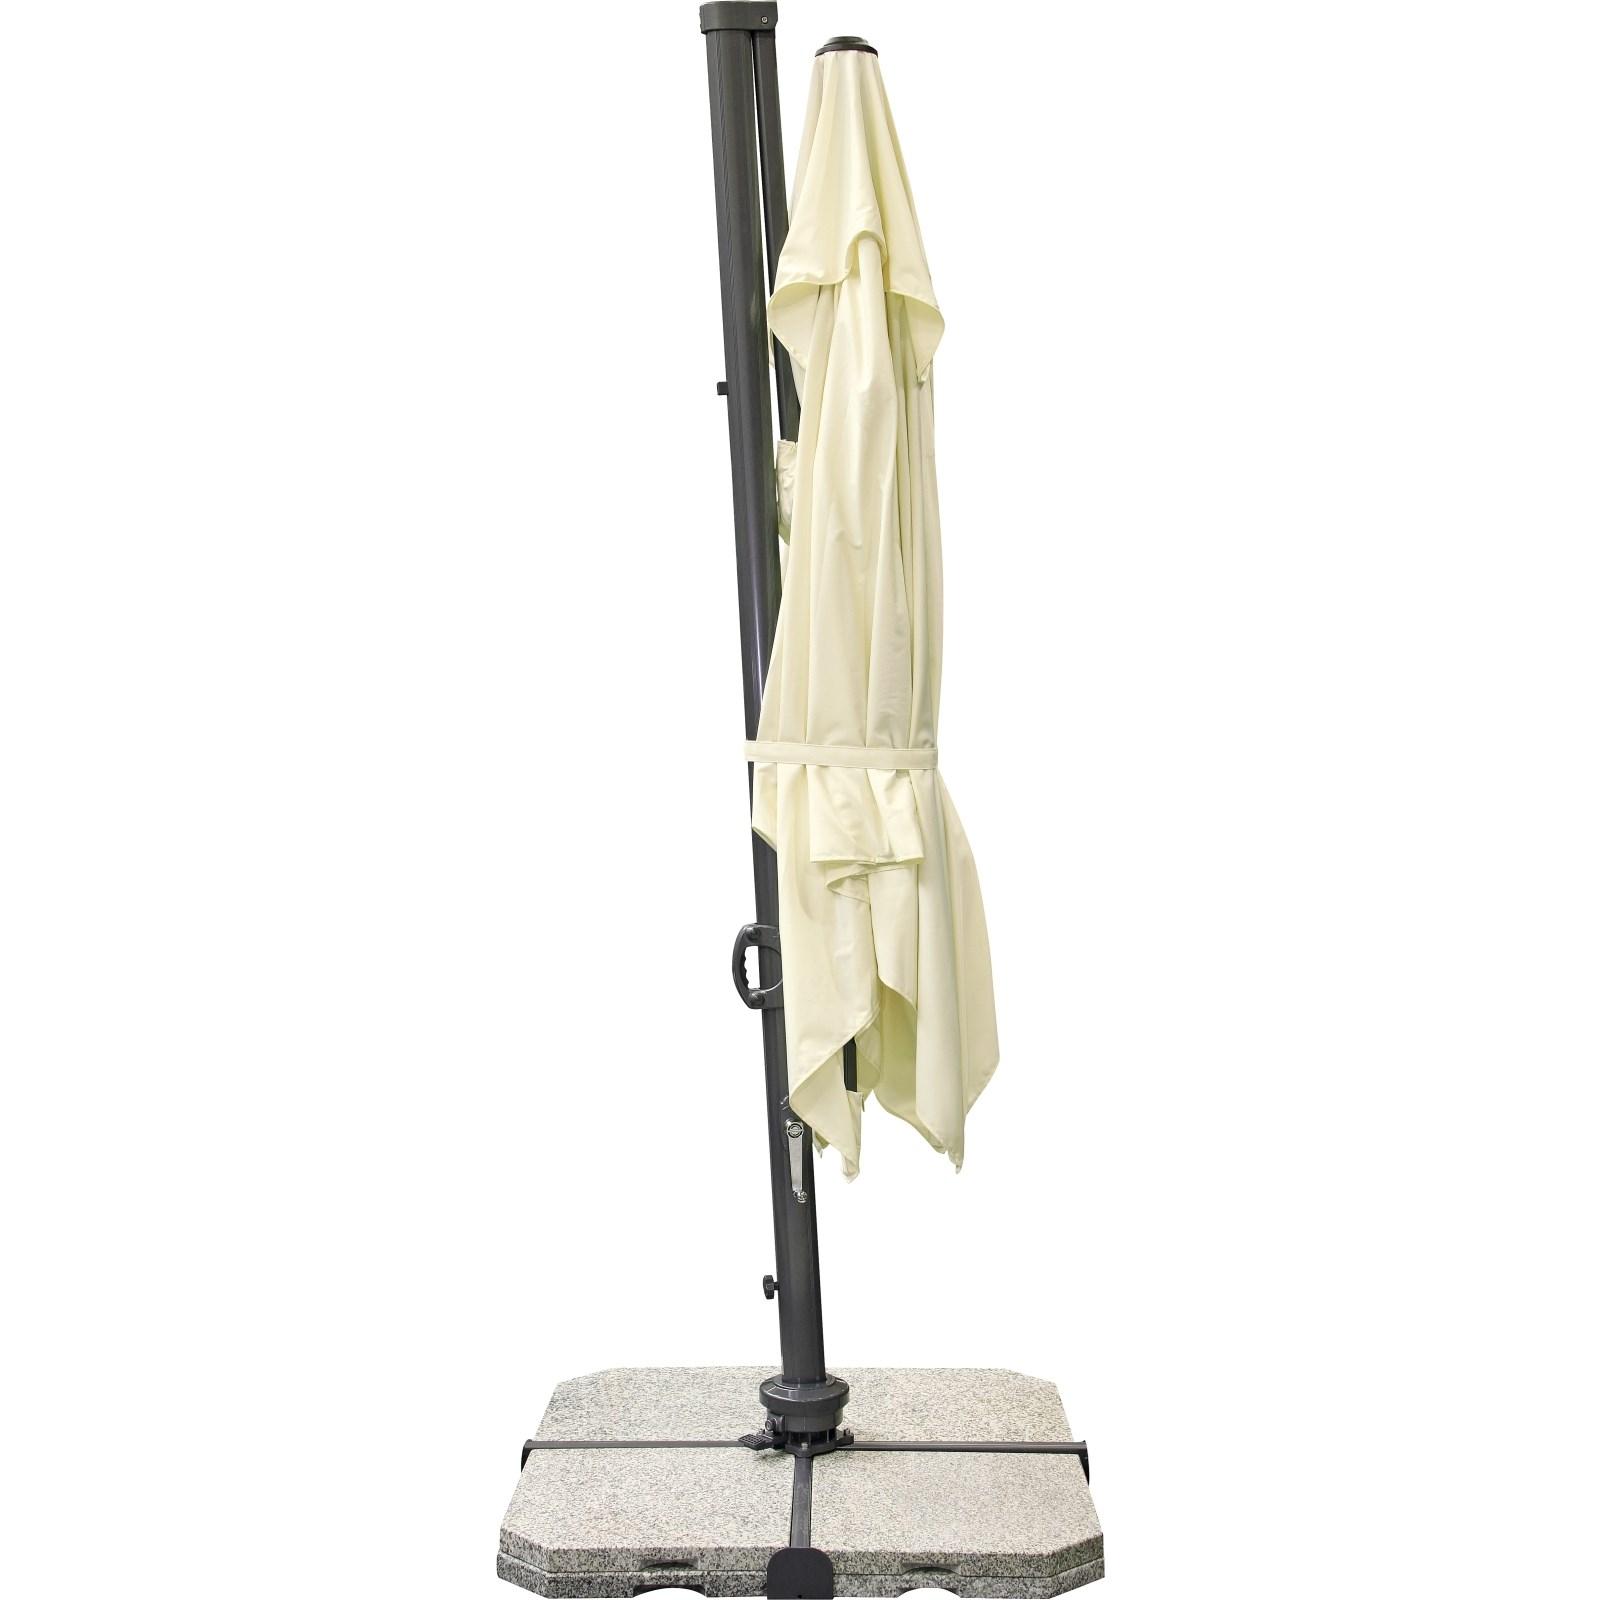 ampelschirm 300 excellent siena garden bis cm with ampelschirm 300 zoom with ampelschirm 300. Black Bedroom Furniture Sets. Home Design Ideas